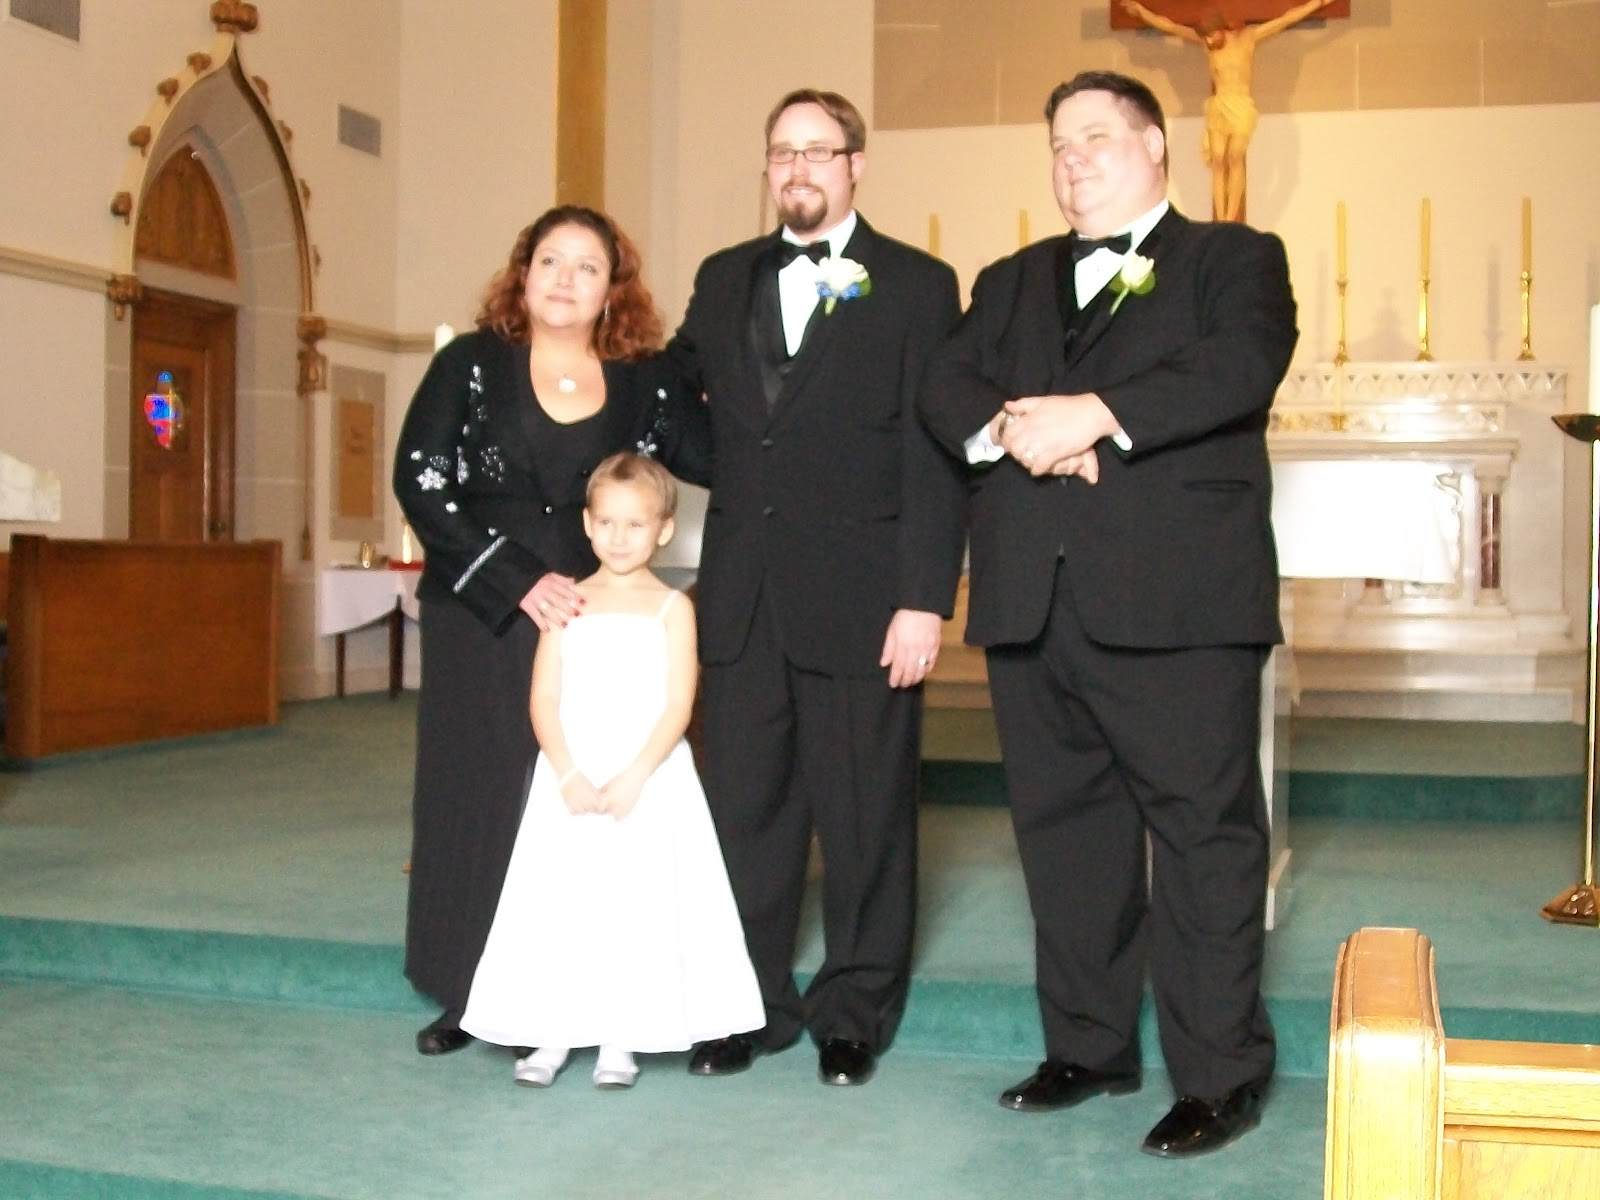 Our Wedding, photos by Joan Moeller - 100_0389.JPG